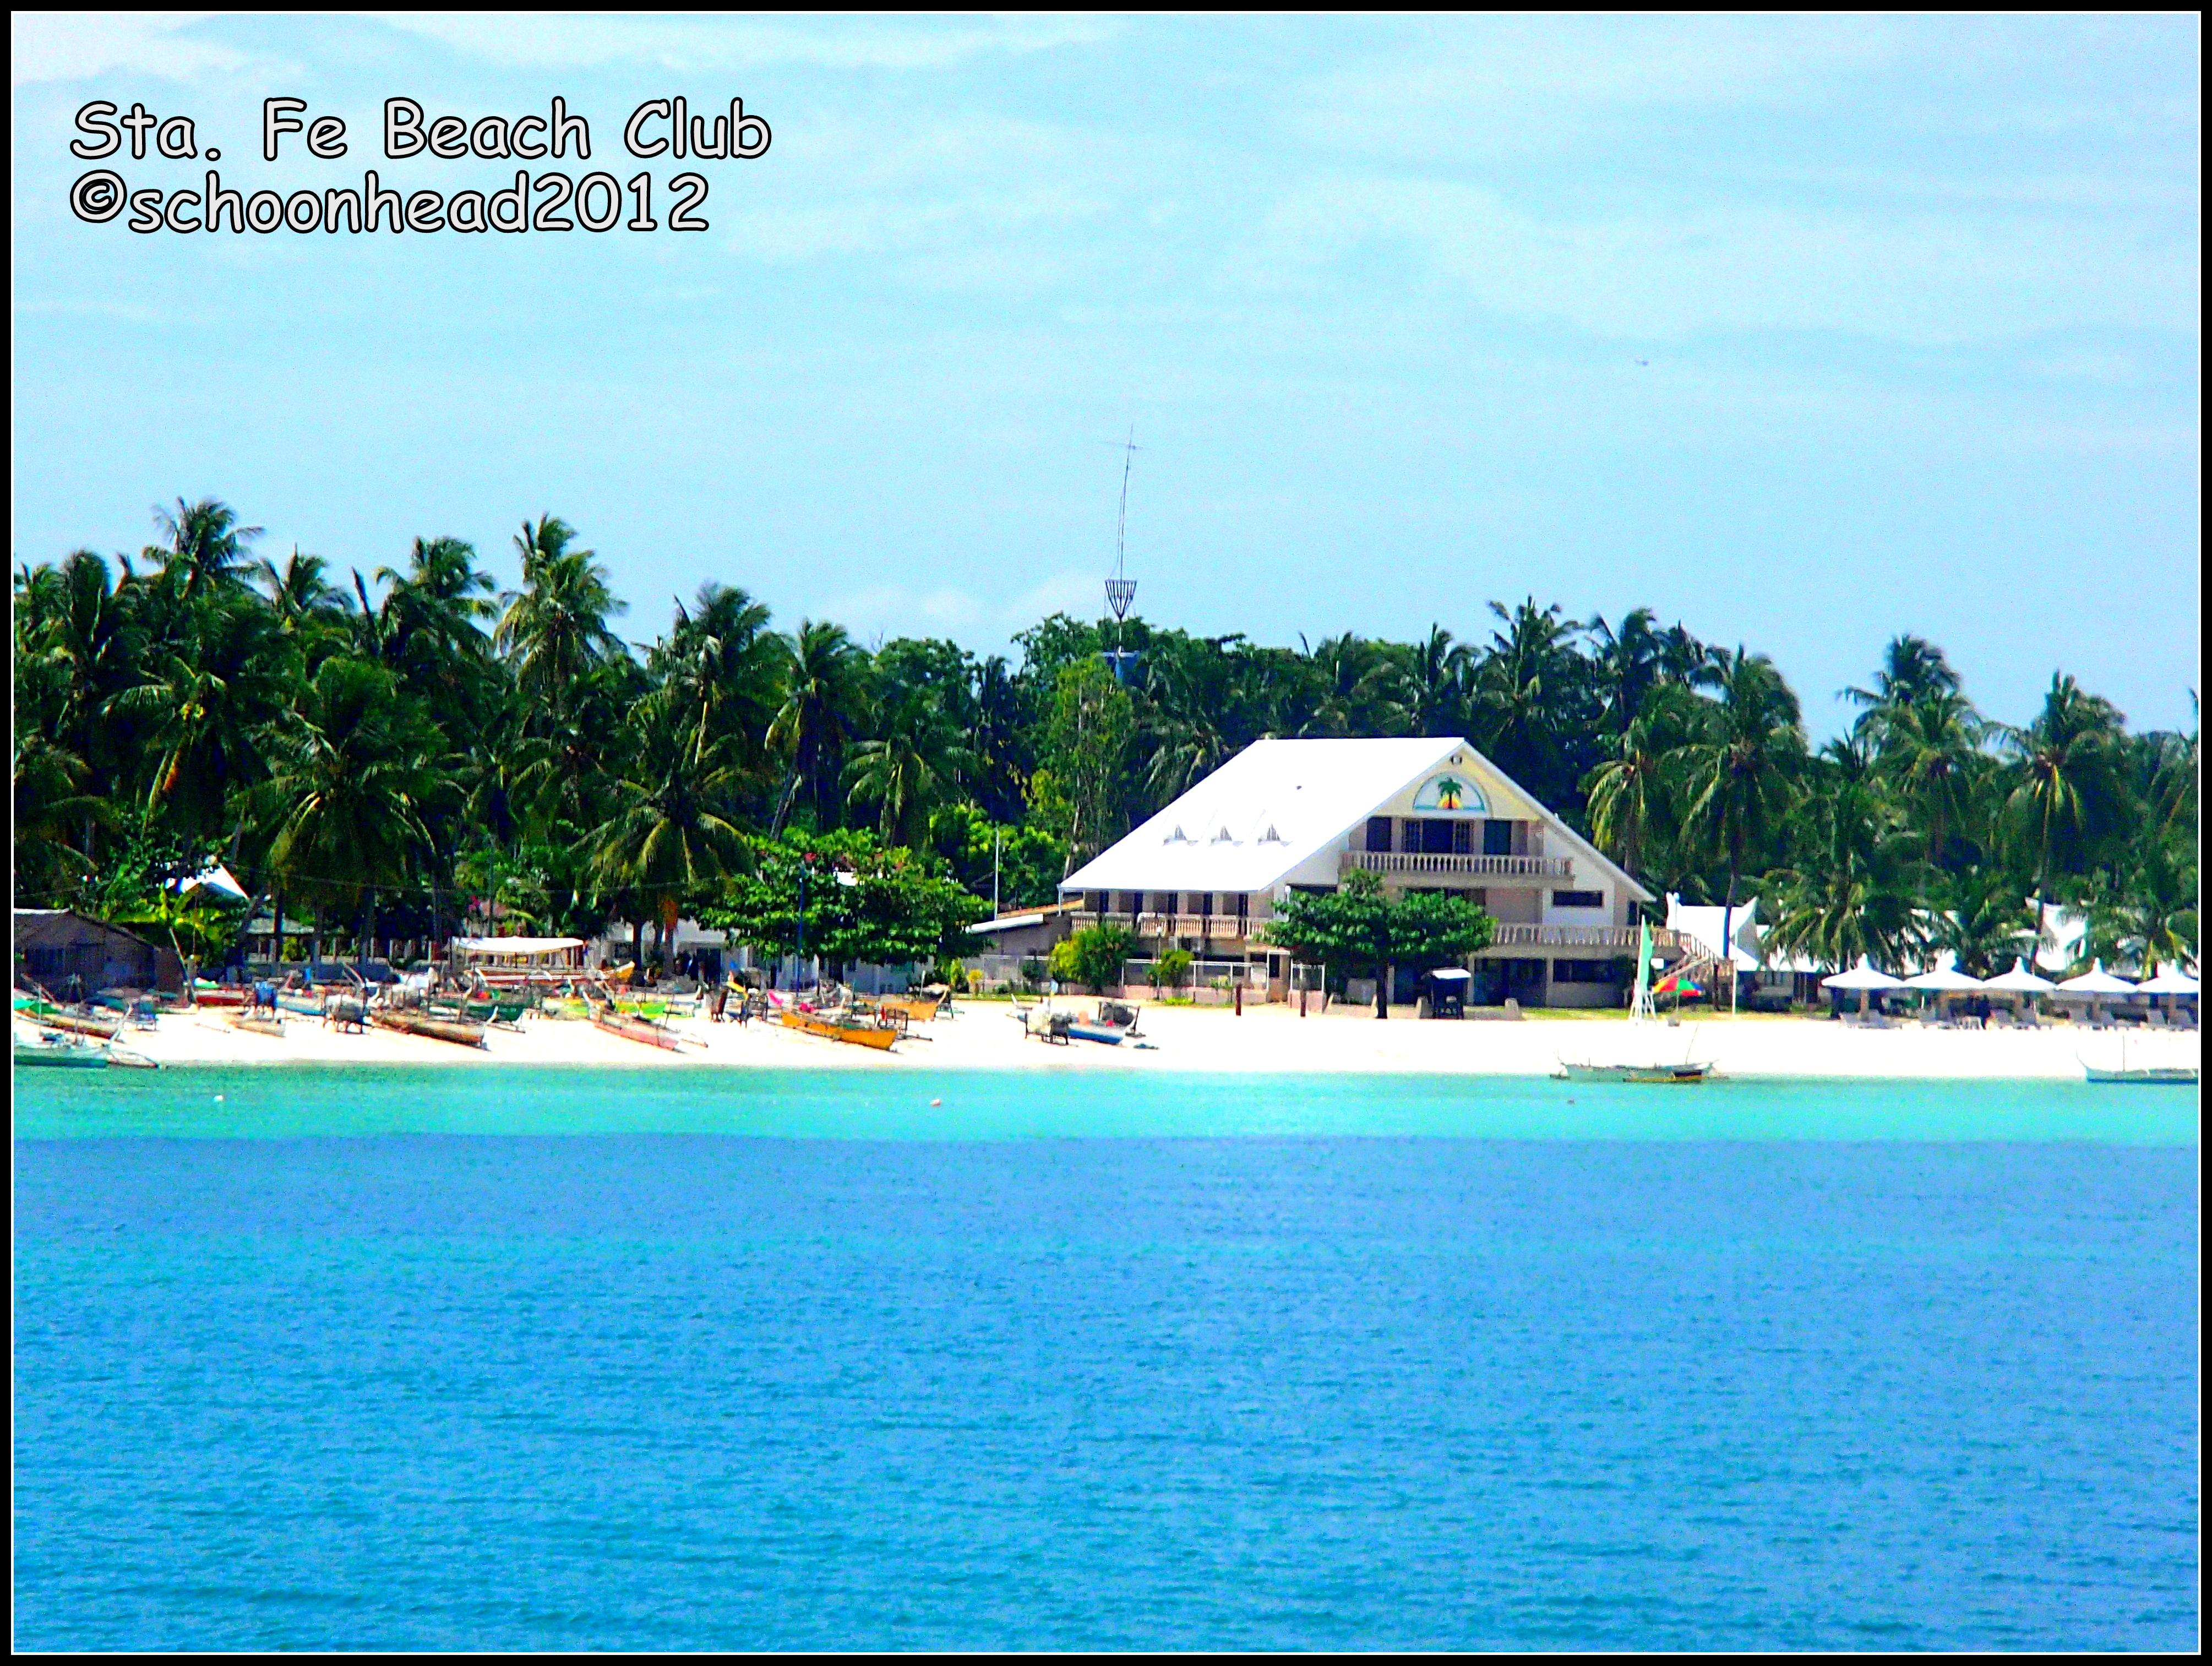 sta fe beach resort | Flickr  Photo Sharing!